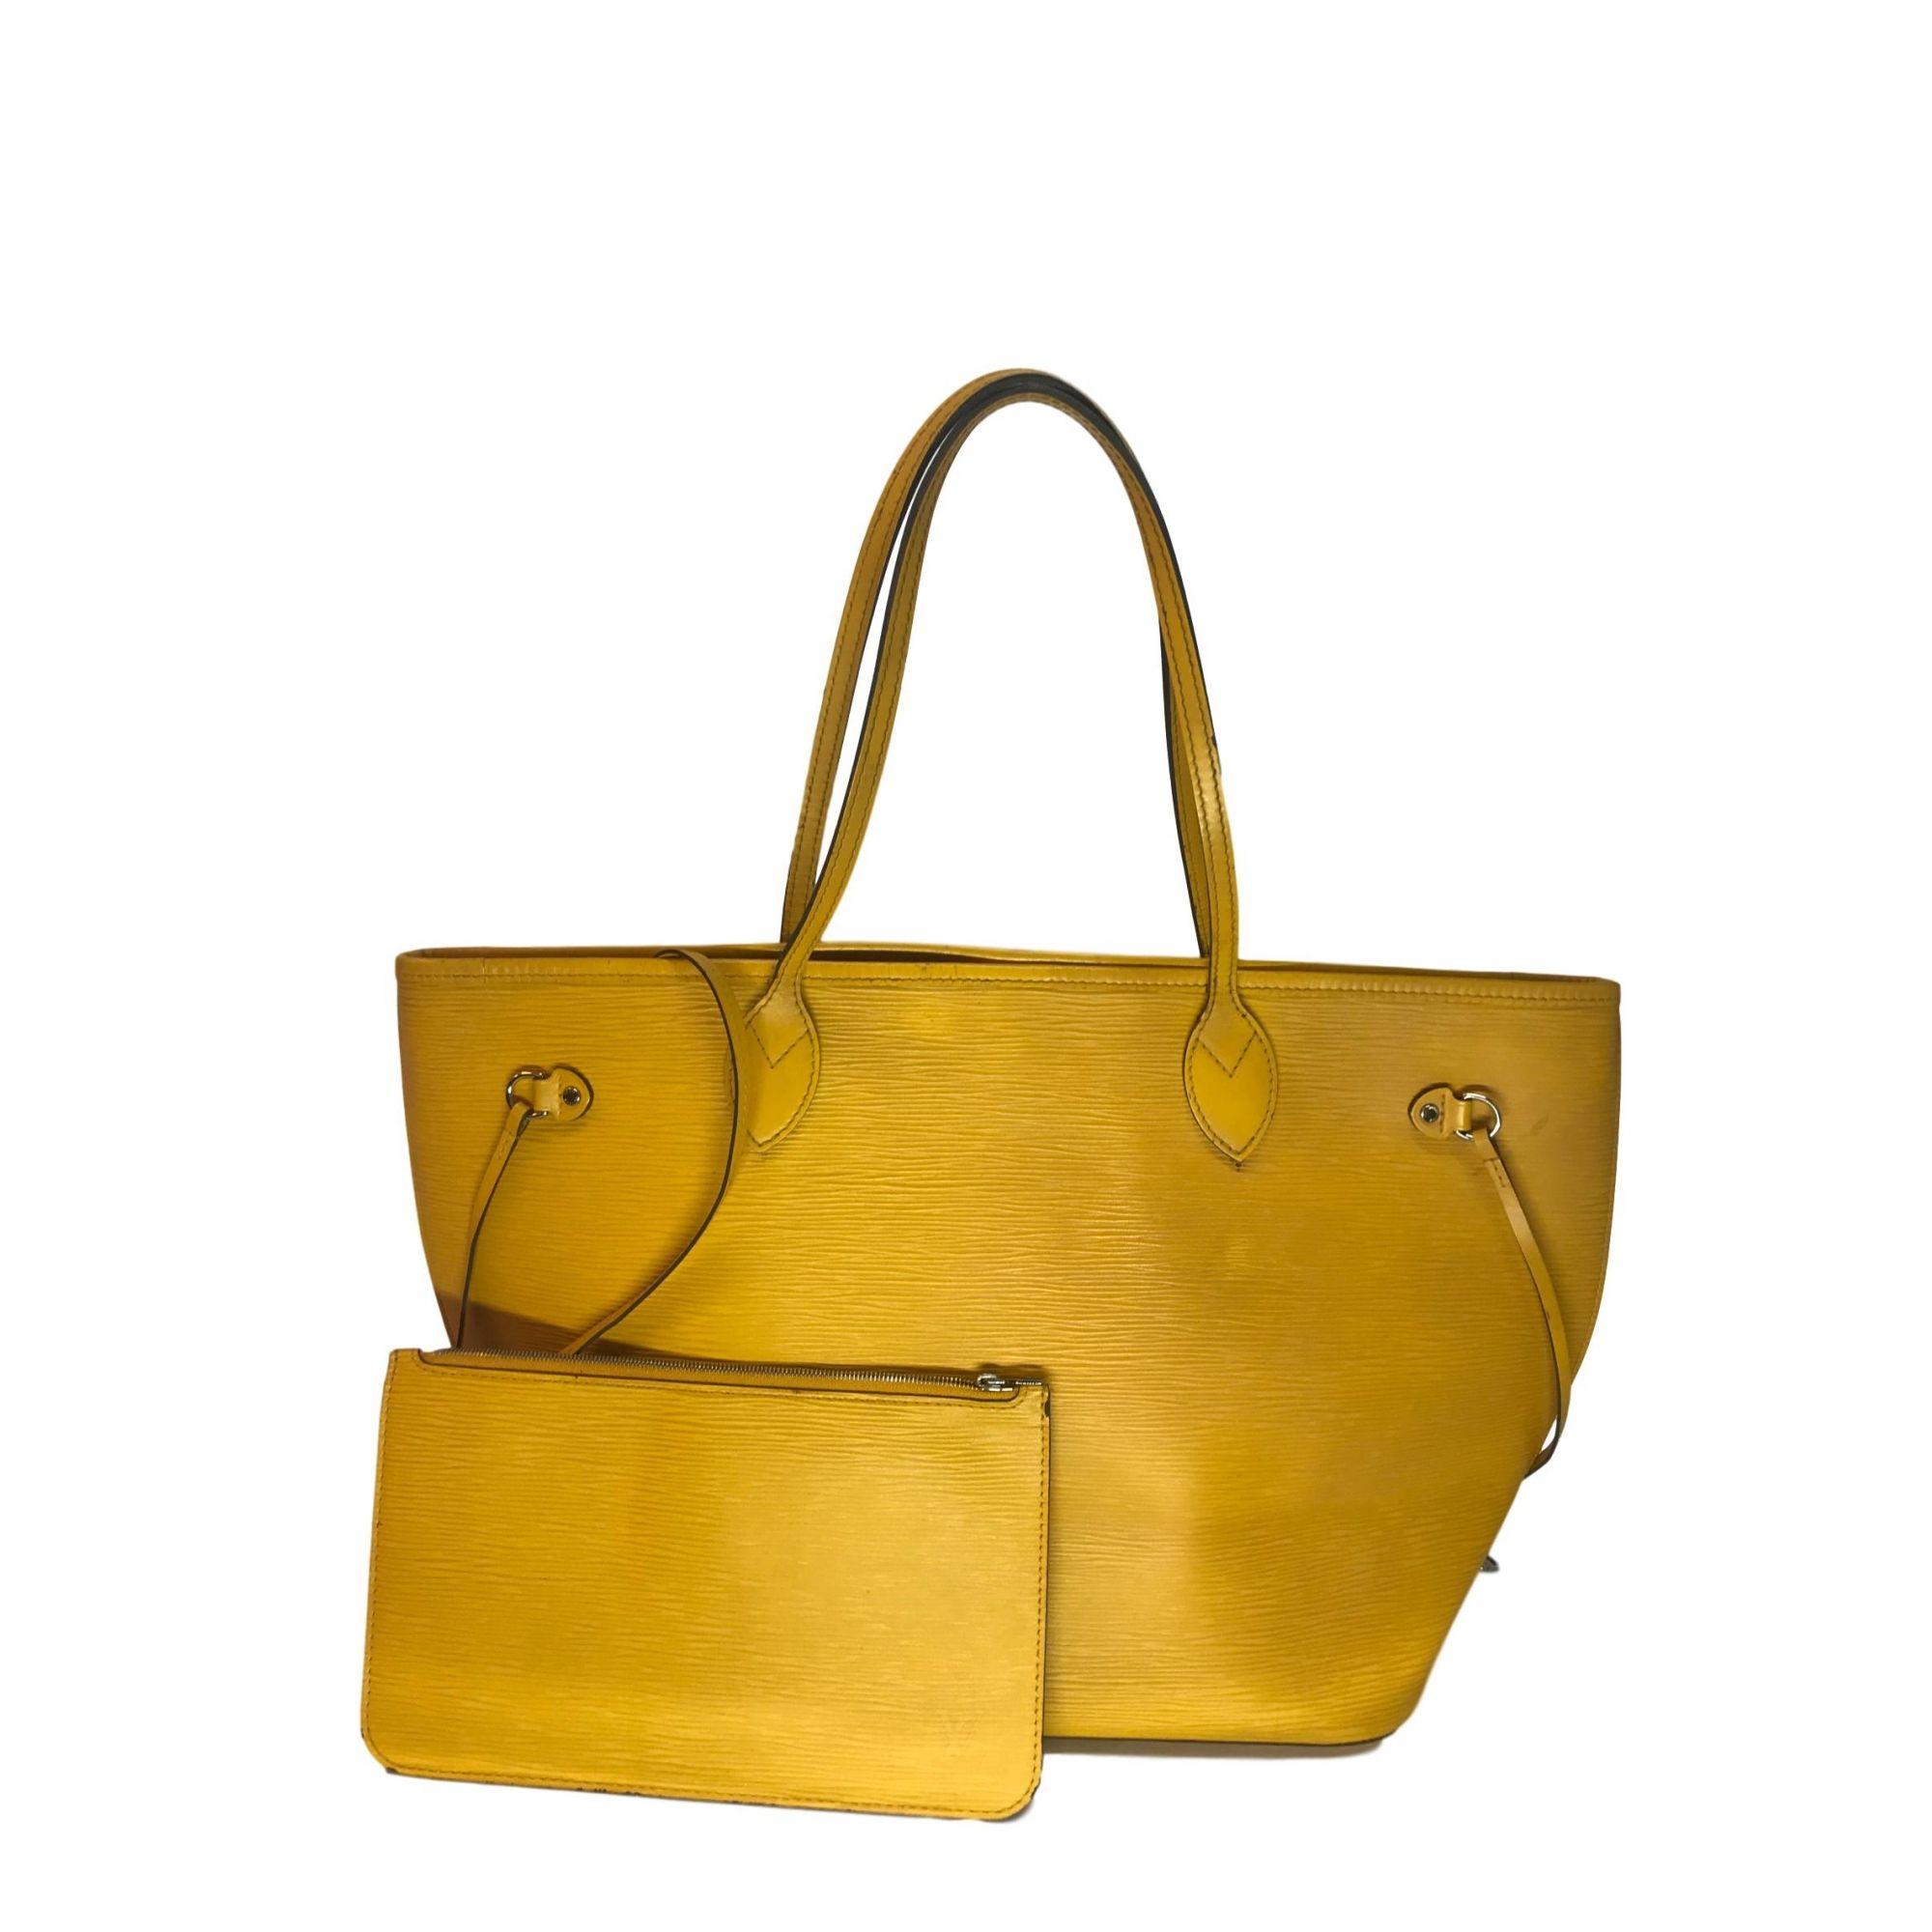 Bolsa Louis Vuitton EPI Amarela